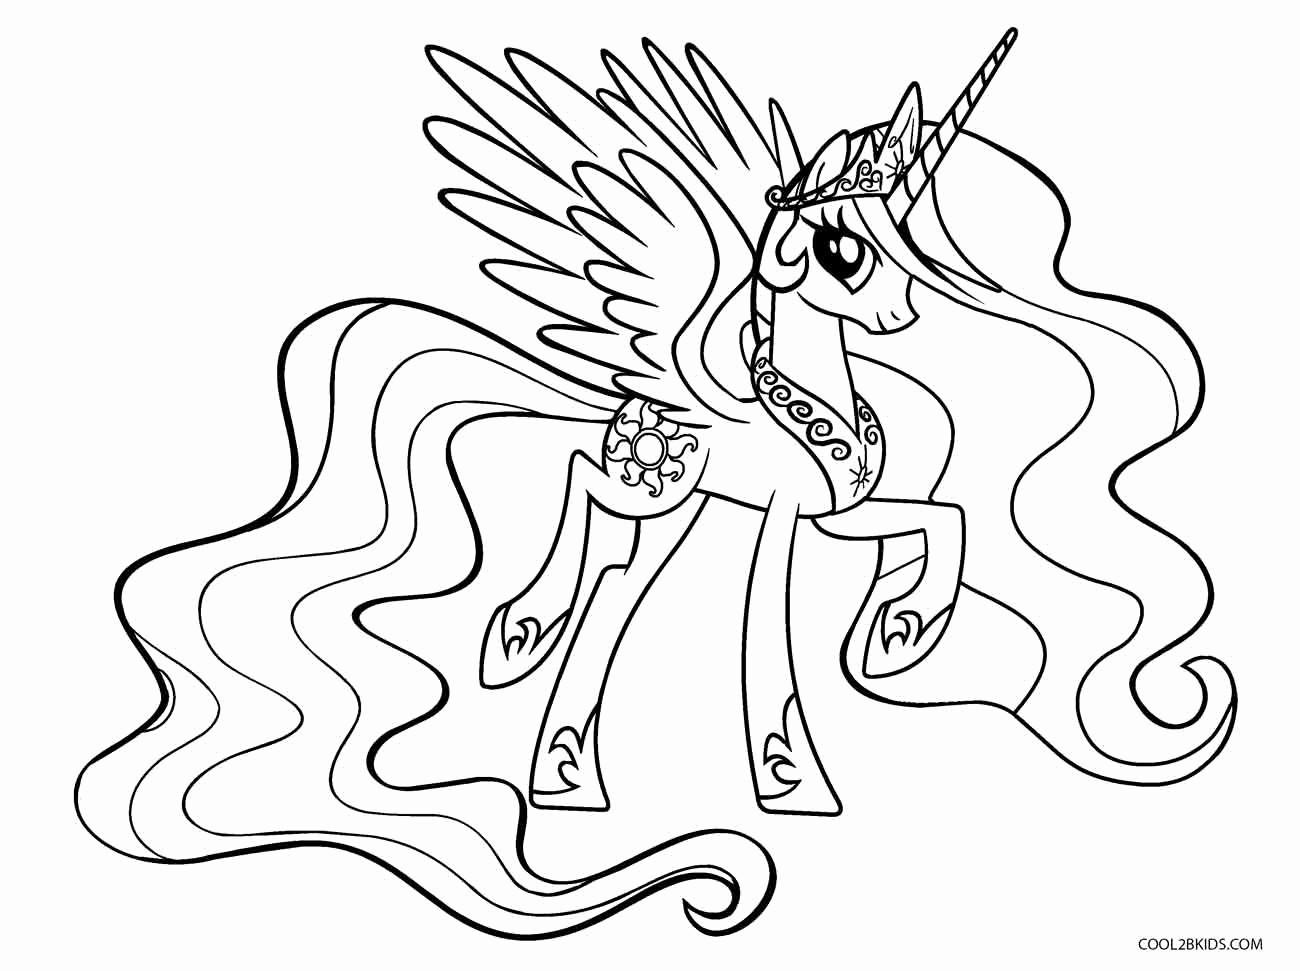 My Little Pony Ausmalbilder Kostenlos Frisch 56 Luxus Stock My Little Pony Ausmalbilder Zum Ausdrucken Fotografieren